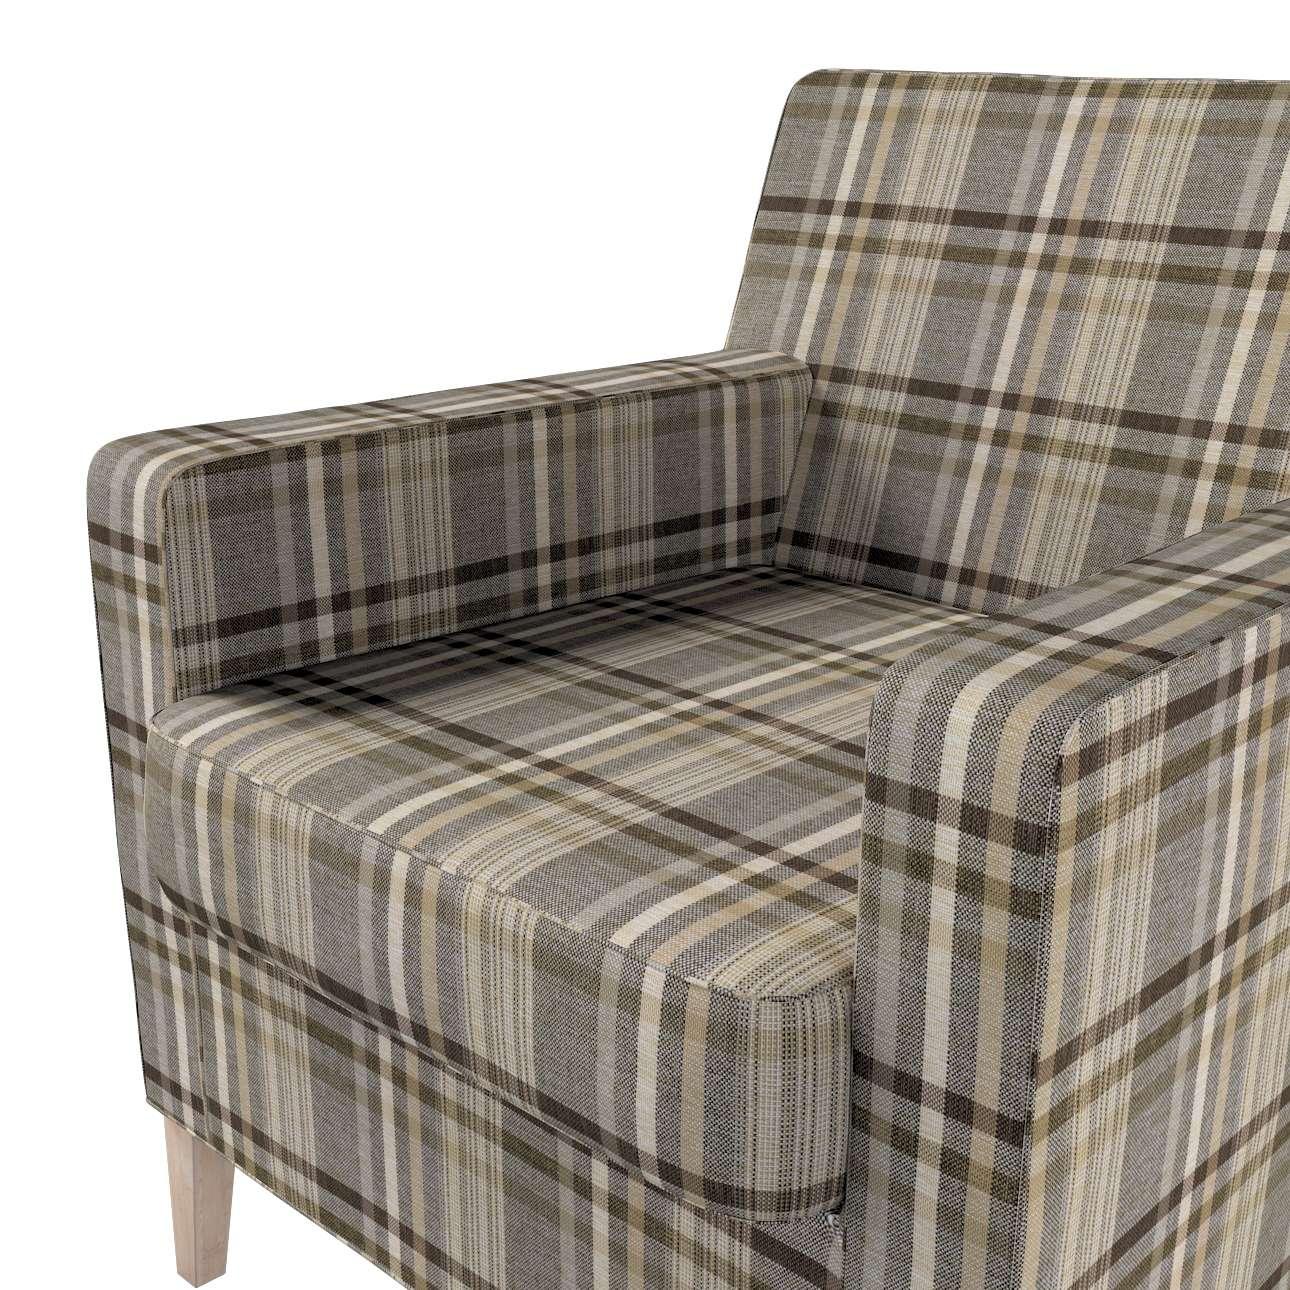 Pokrowiec na fotel Karlstad w kolekcji Edinburgh, tkanina: 703-17